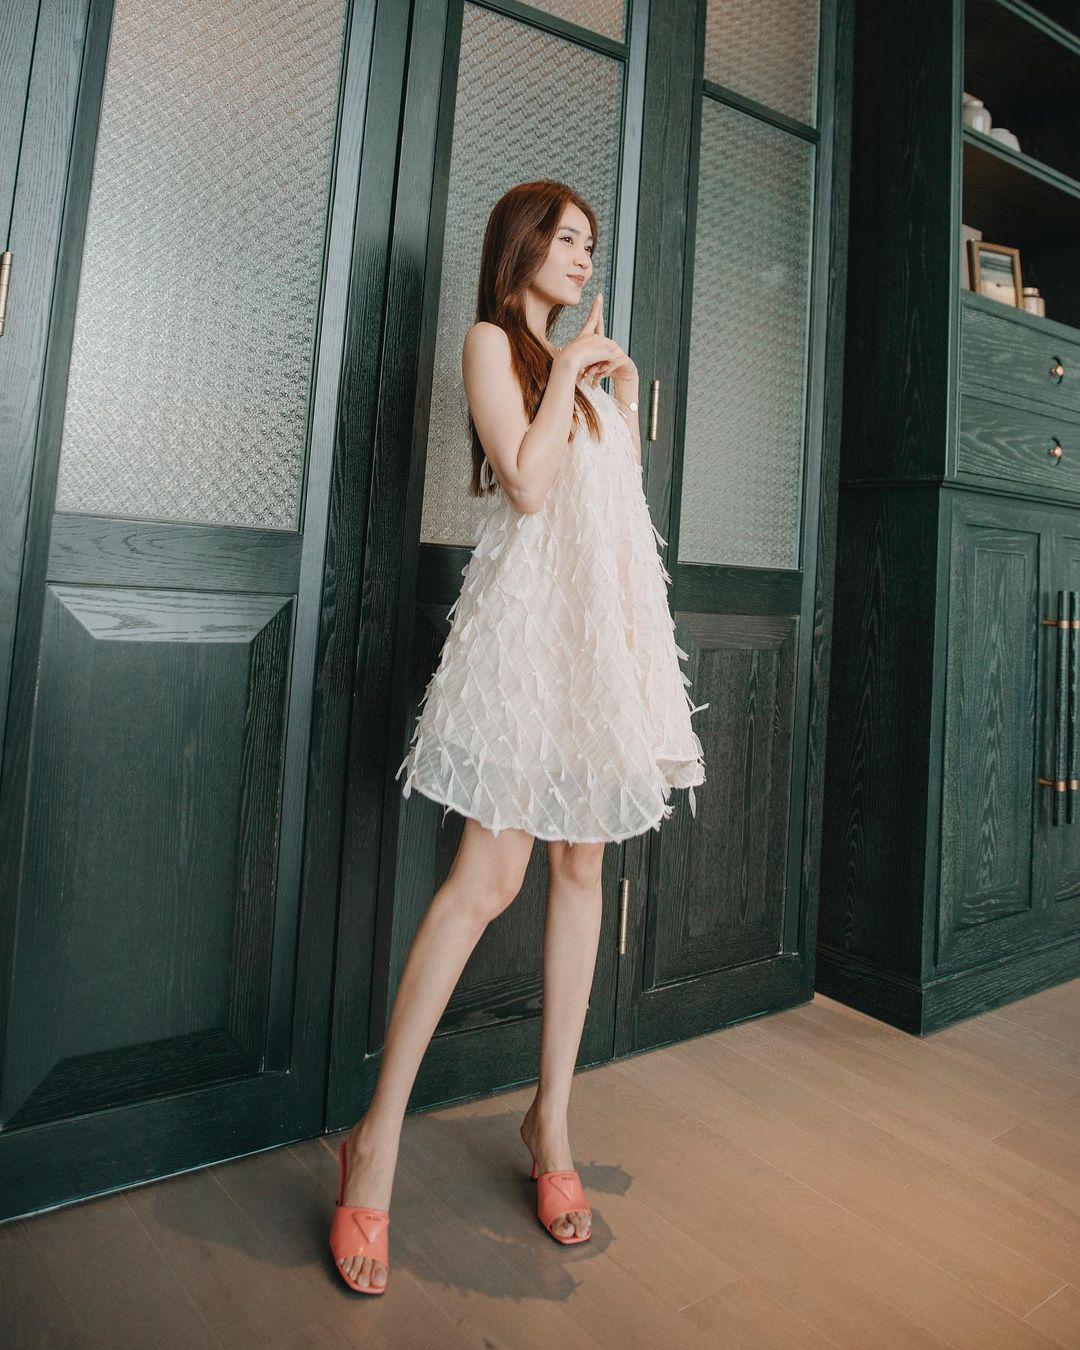 Lựa chọn của Lan Ngọc khi đi nghỉ dưỡng là chiếc váy suông rộng bay bổng, màu trắng tinh khôi và nữ tính.